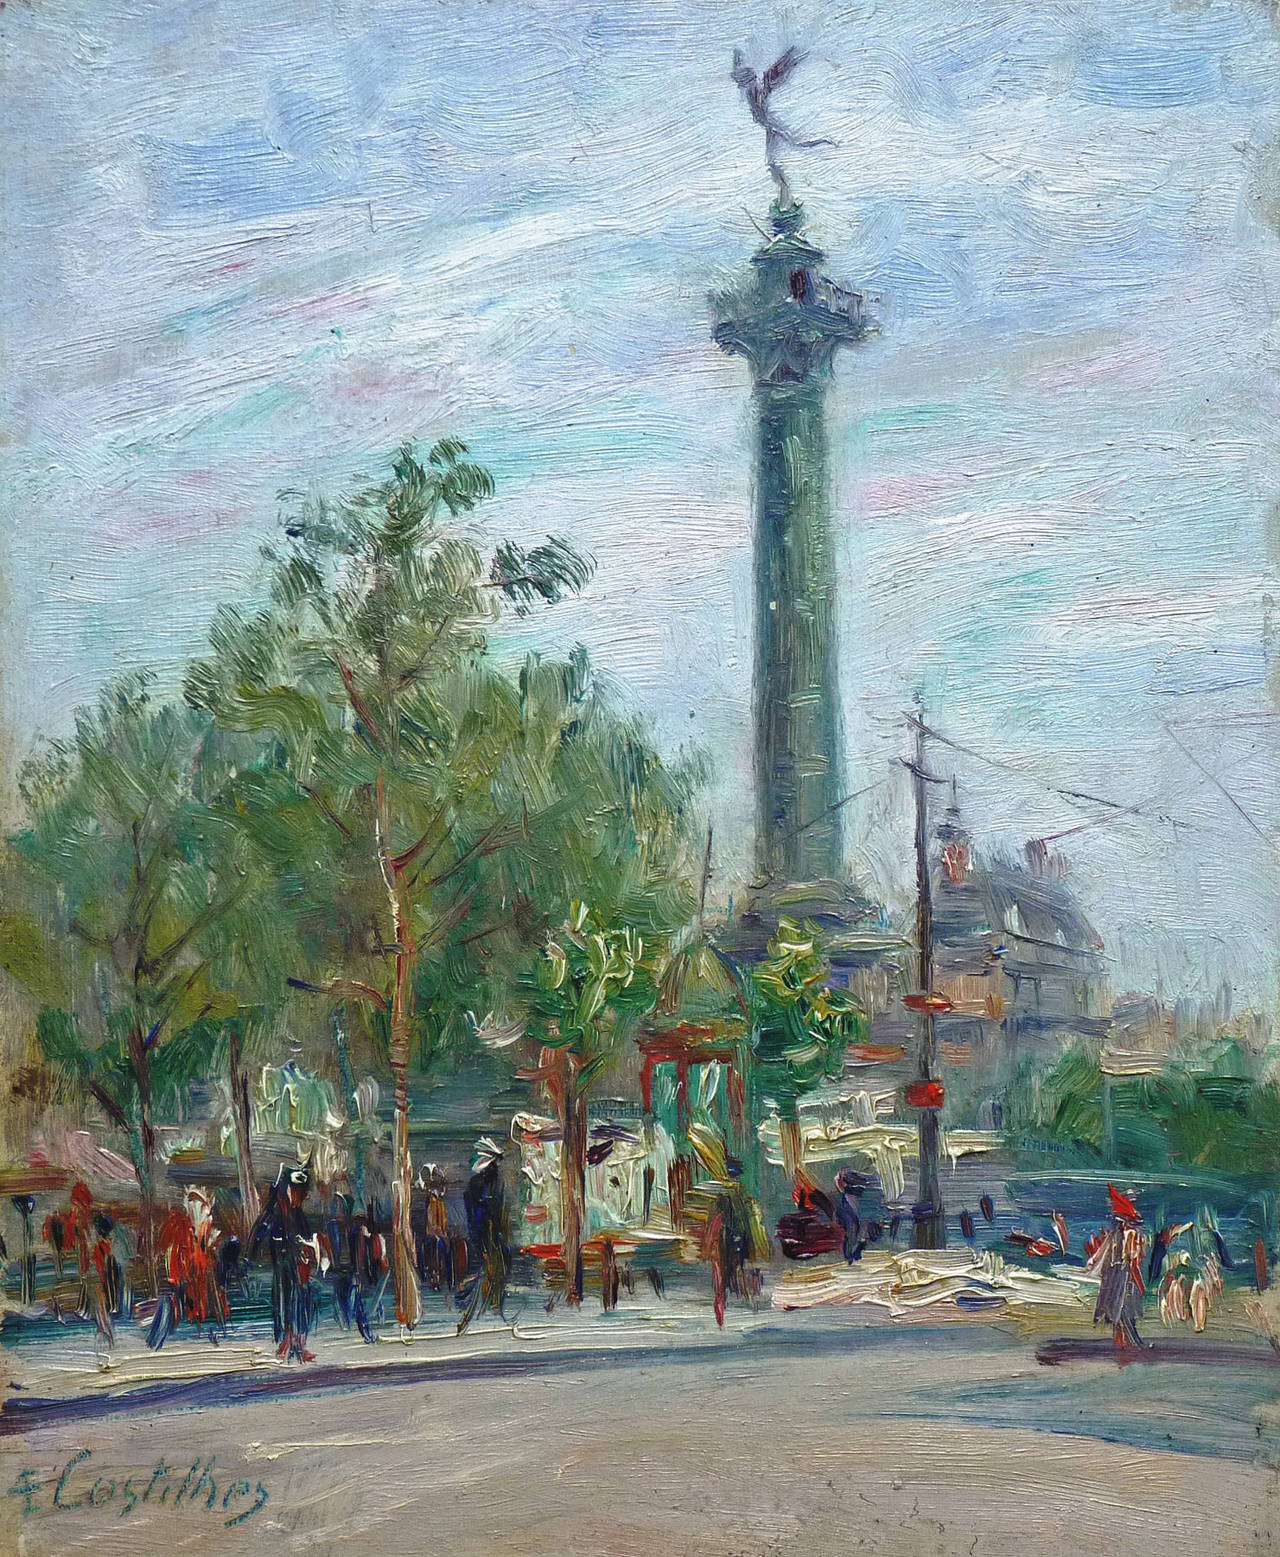 André Eugène Costilhes Landscape Painting - Place de la Bastille - Paris, by Costilhes, french Post-impressionst artist